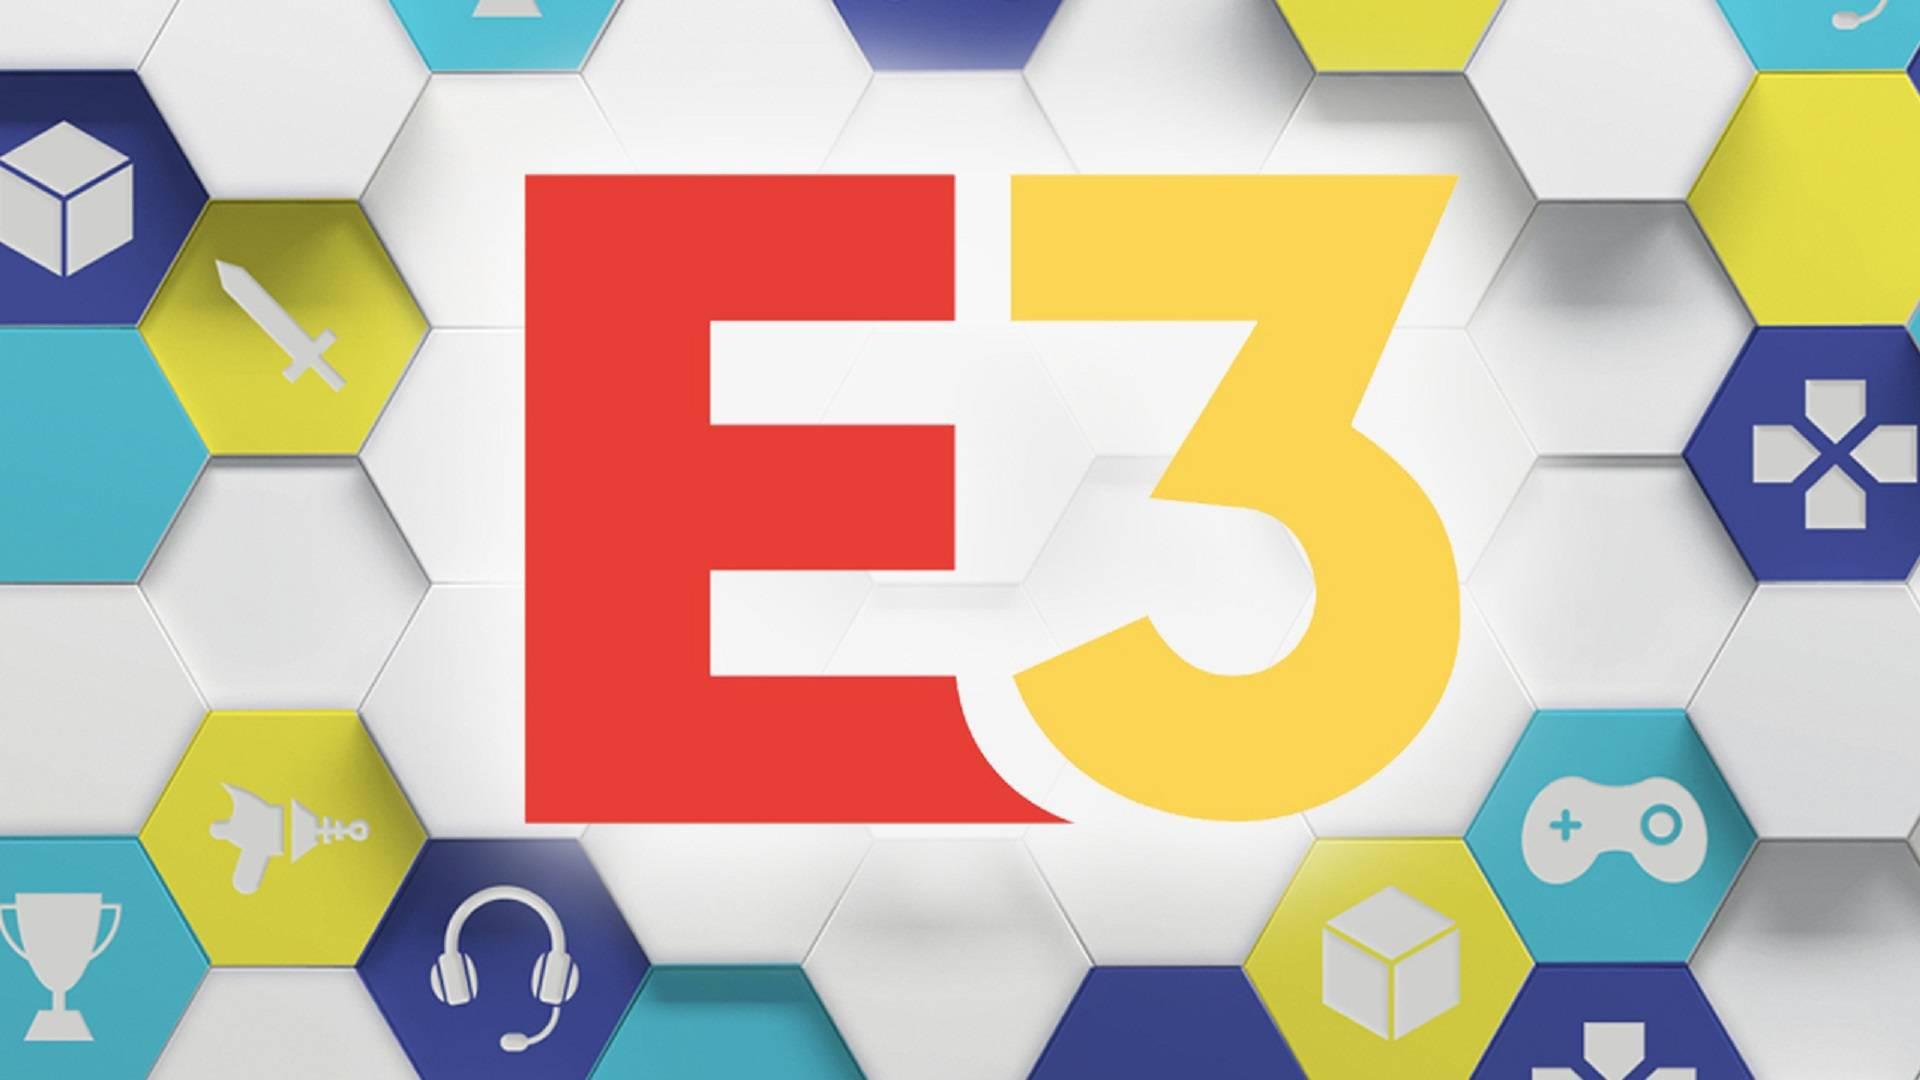 Retrospectiva e3 - imagem da logo do evento